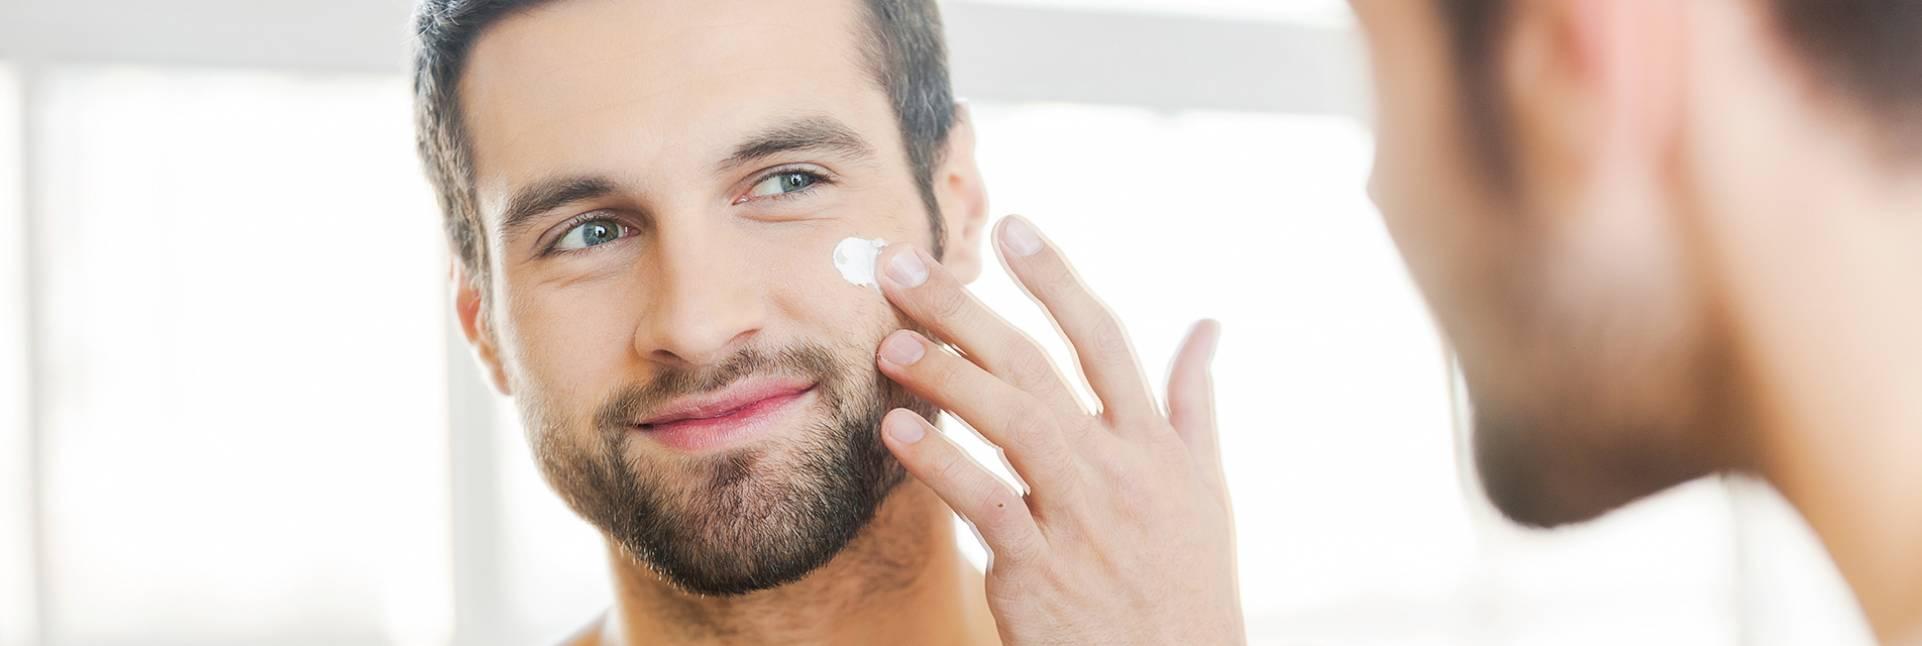 5 consejos para detectar manchas en la piel